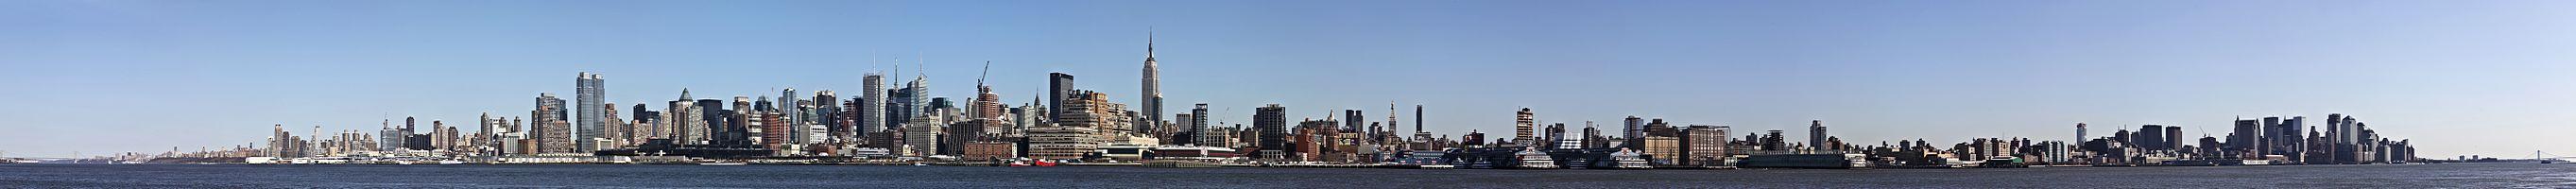 New York City panorama from Hoboken, NJ